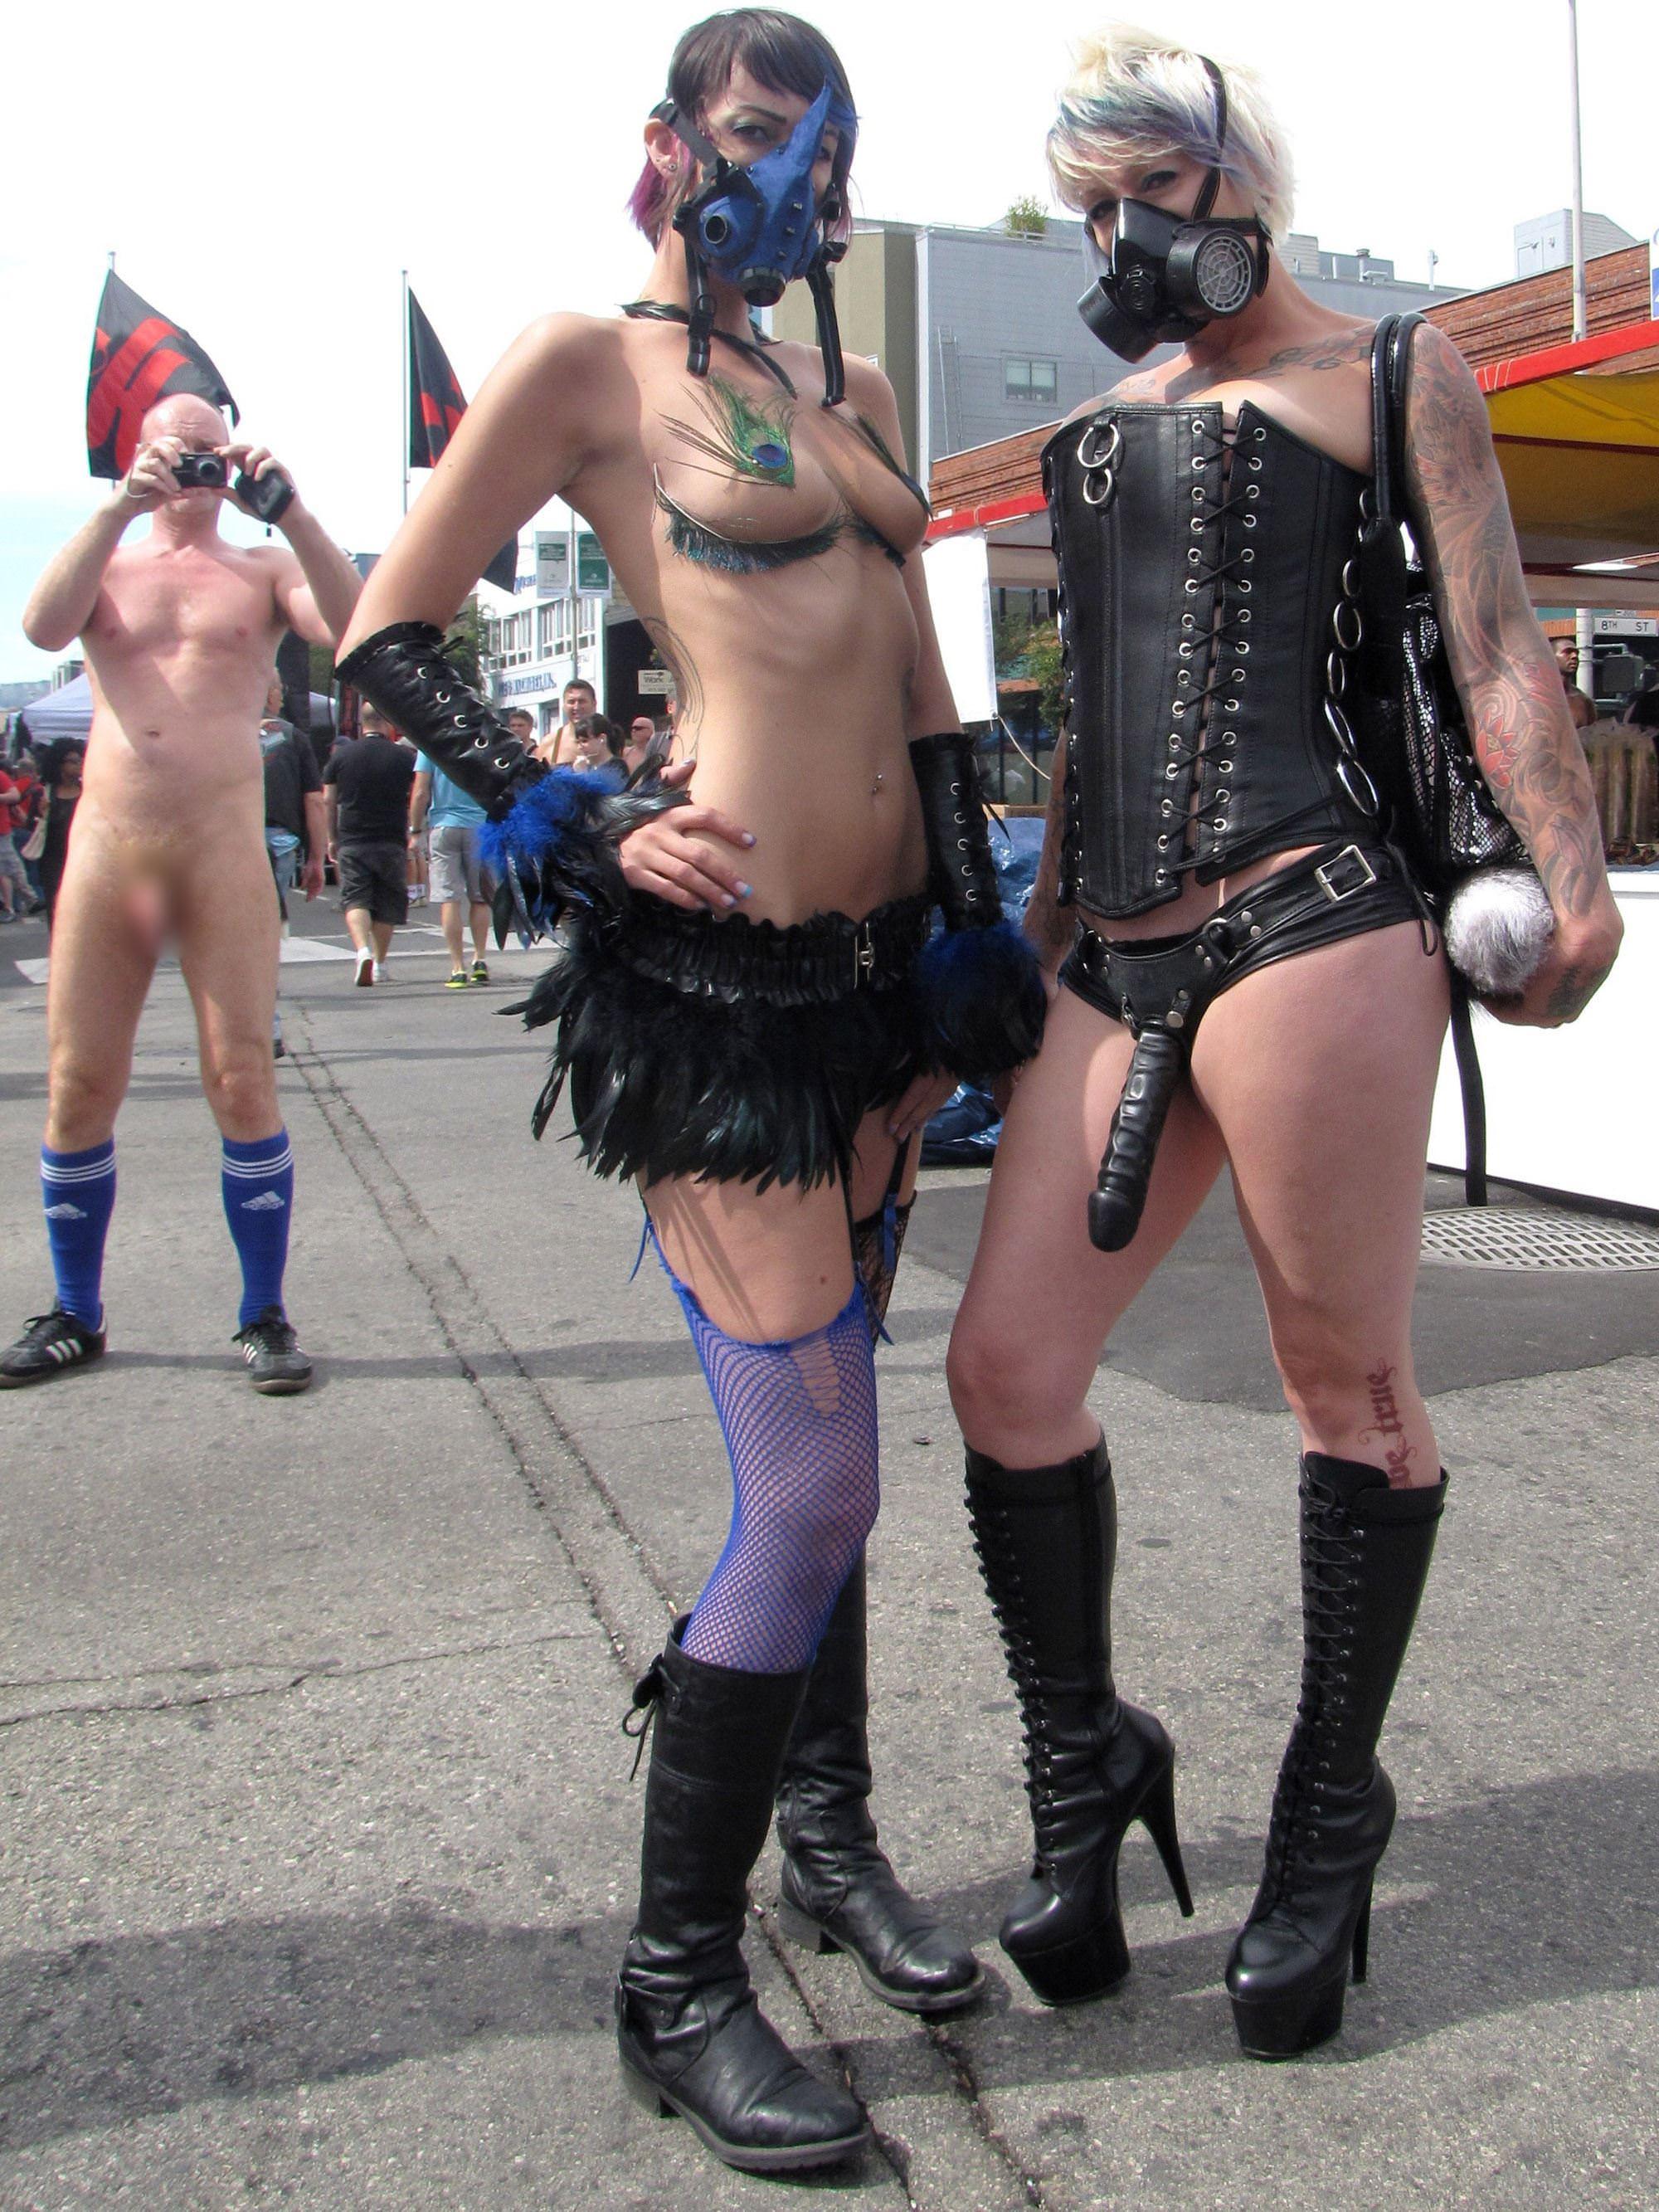 【外人】パンクな素人娘たちが裸になって粋がってるポルノ画像 4718